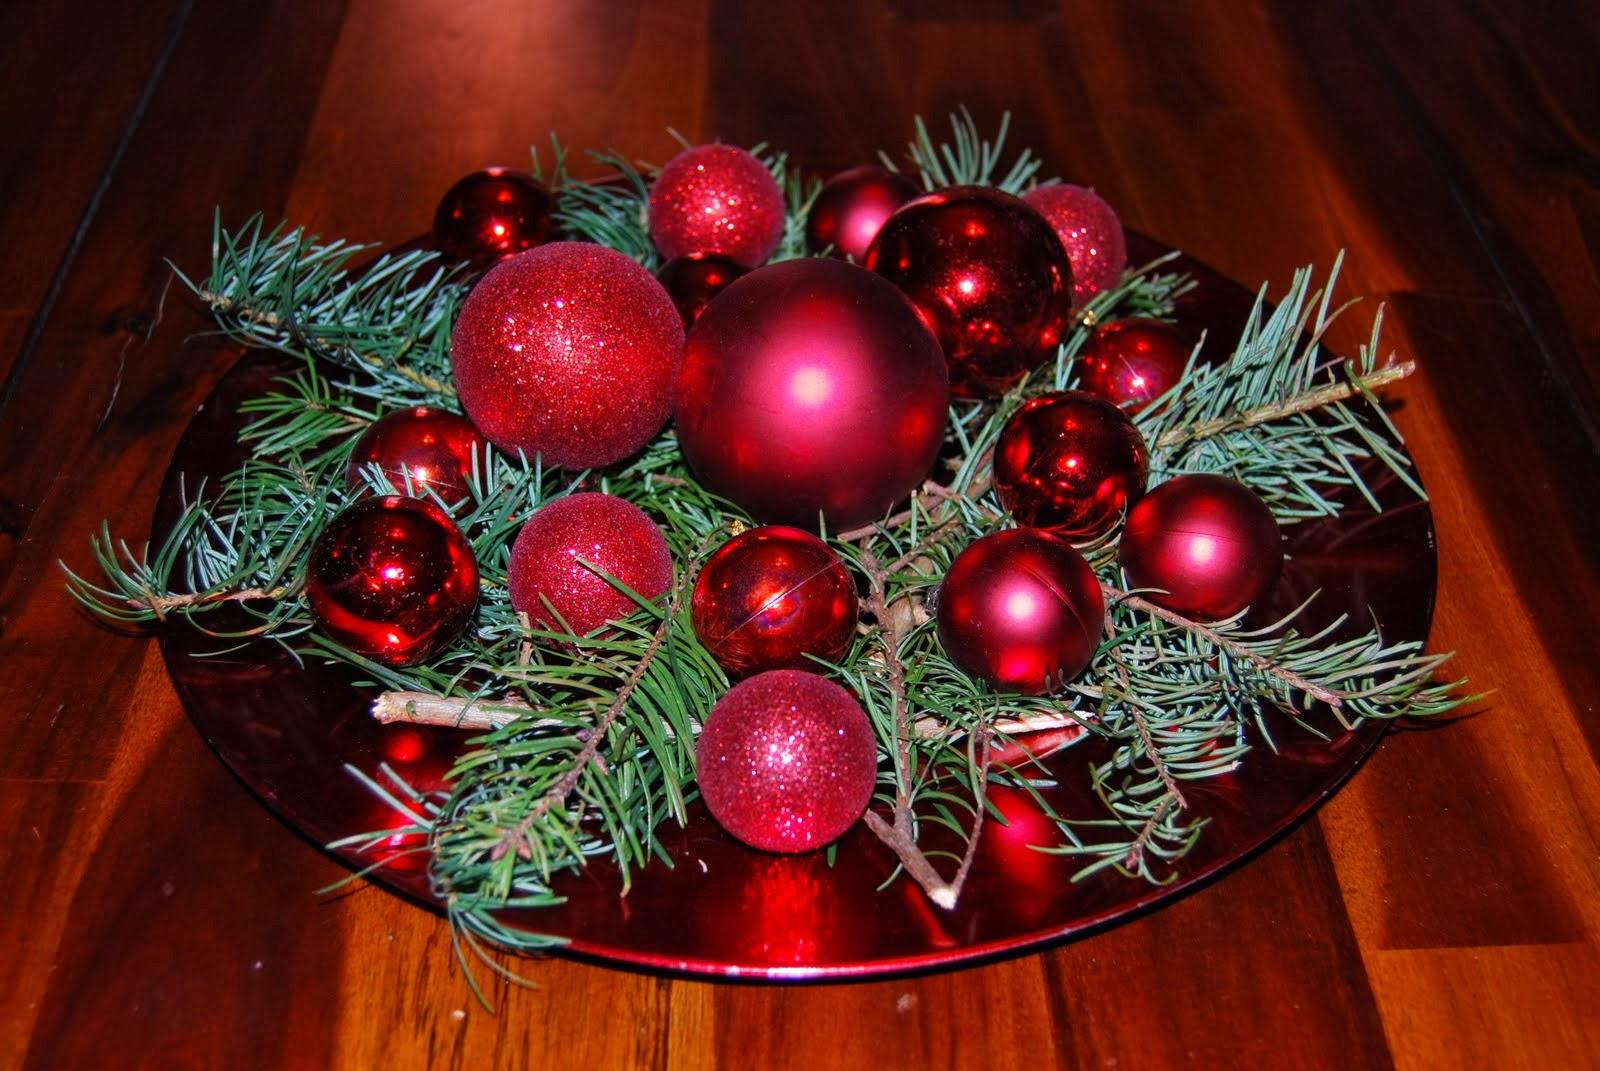 Centros de mesa navide os con esferas parte 3 for Centros navidenos